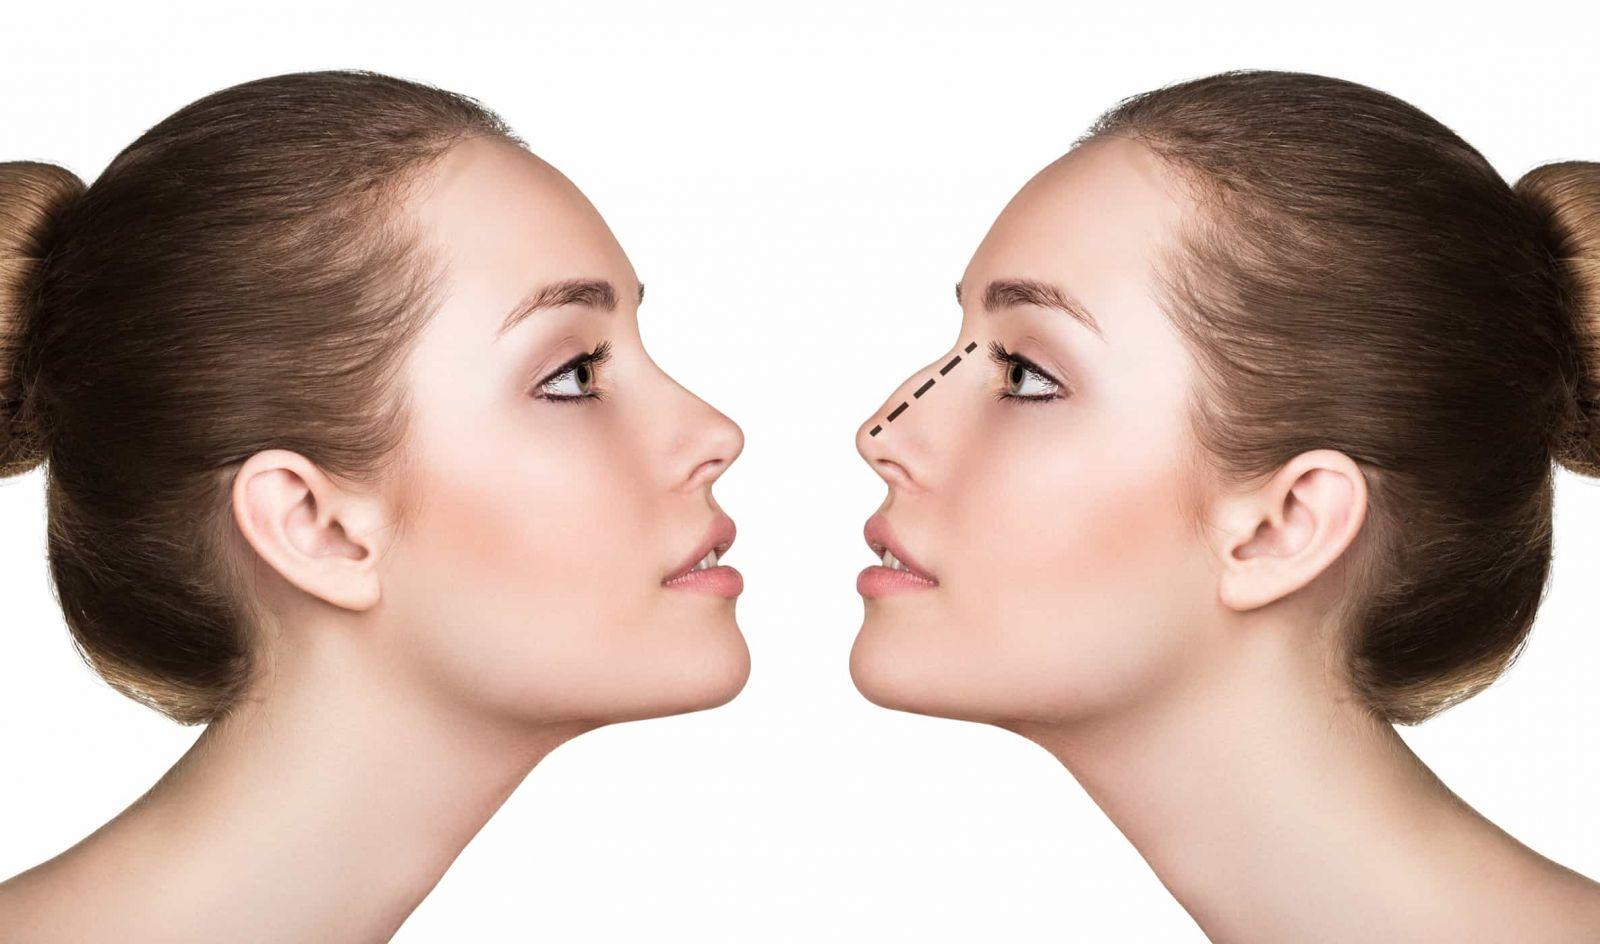 Sửa mũi hỏng sau phẫu thuật để tự tin hơn